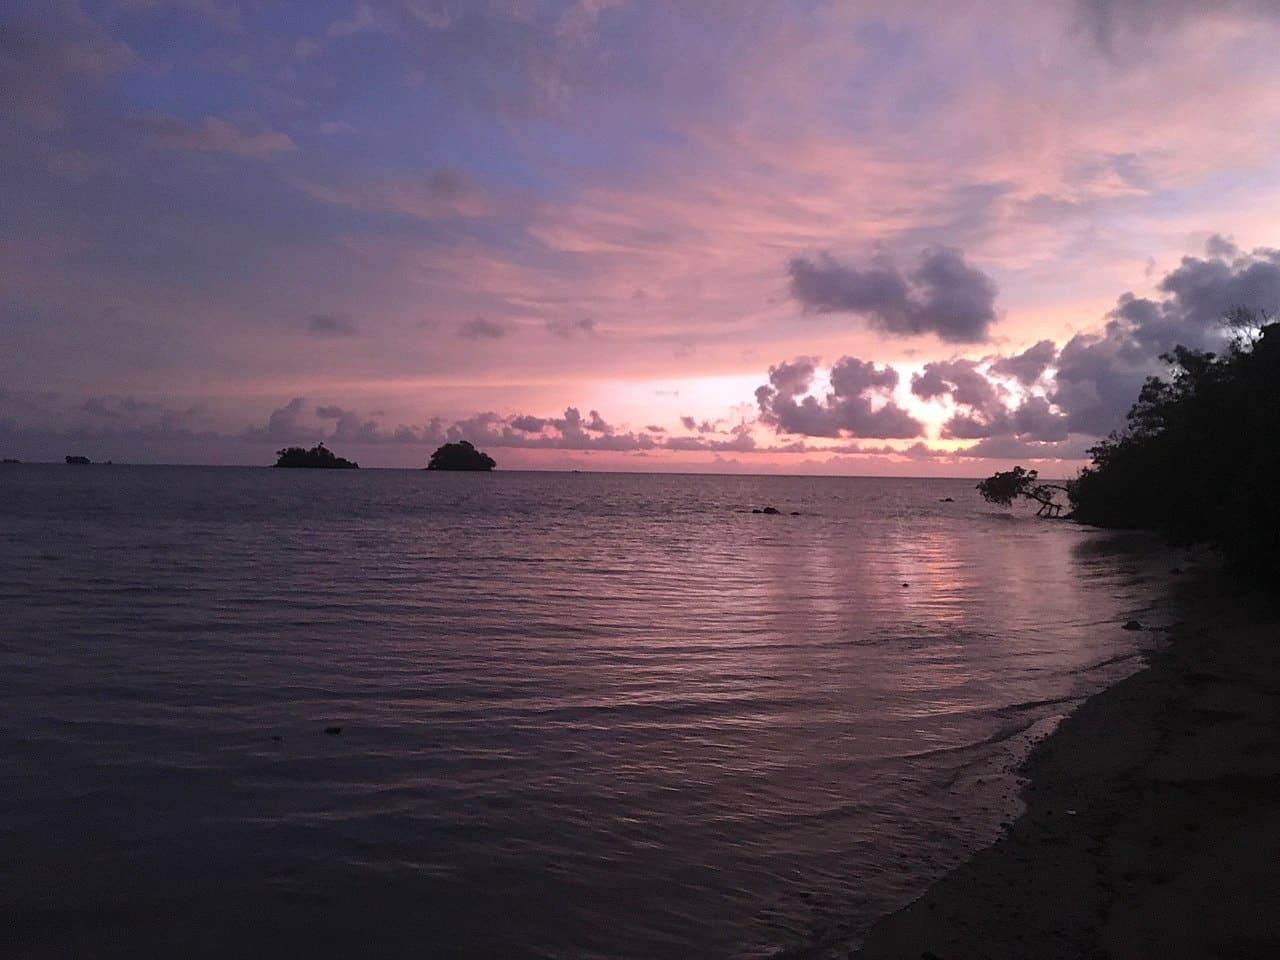 melhores pontos turísticos de fiji